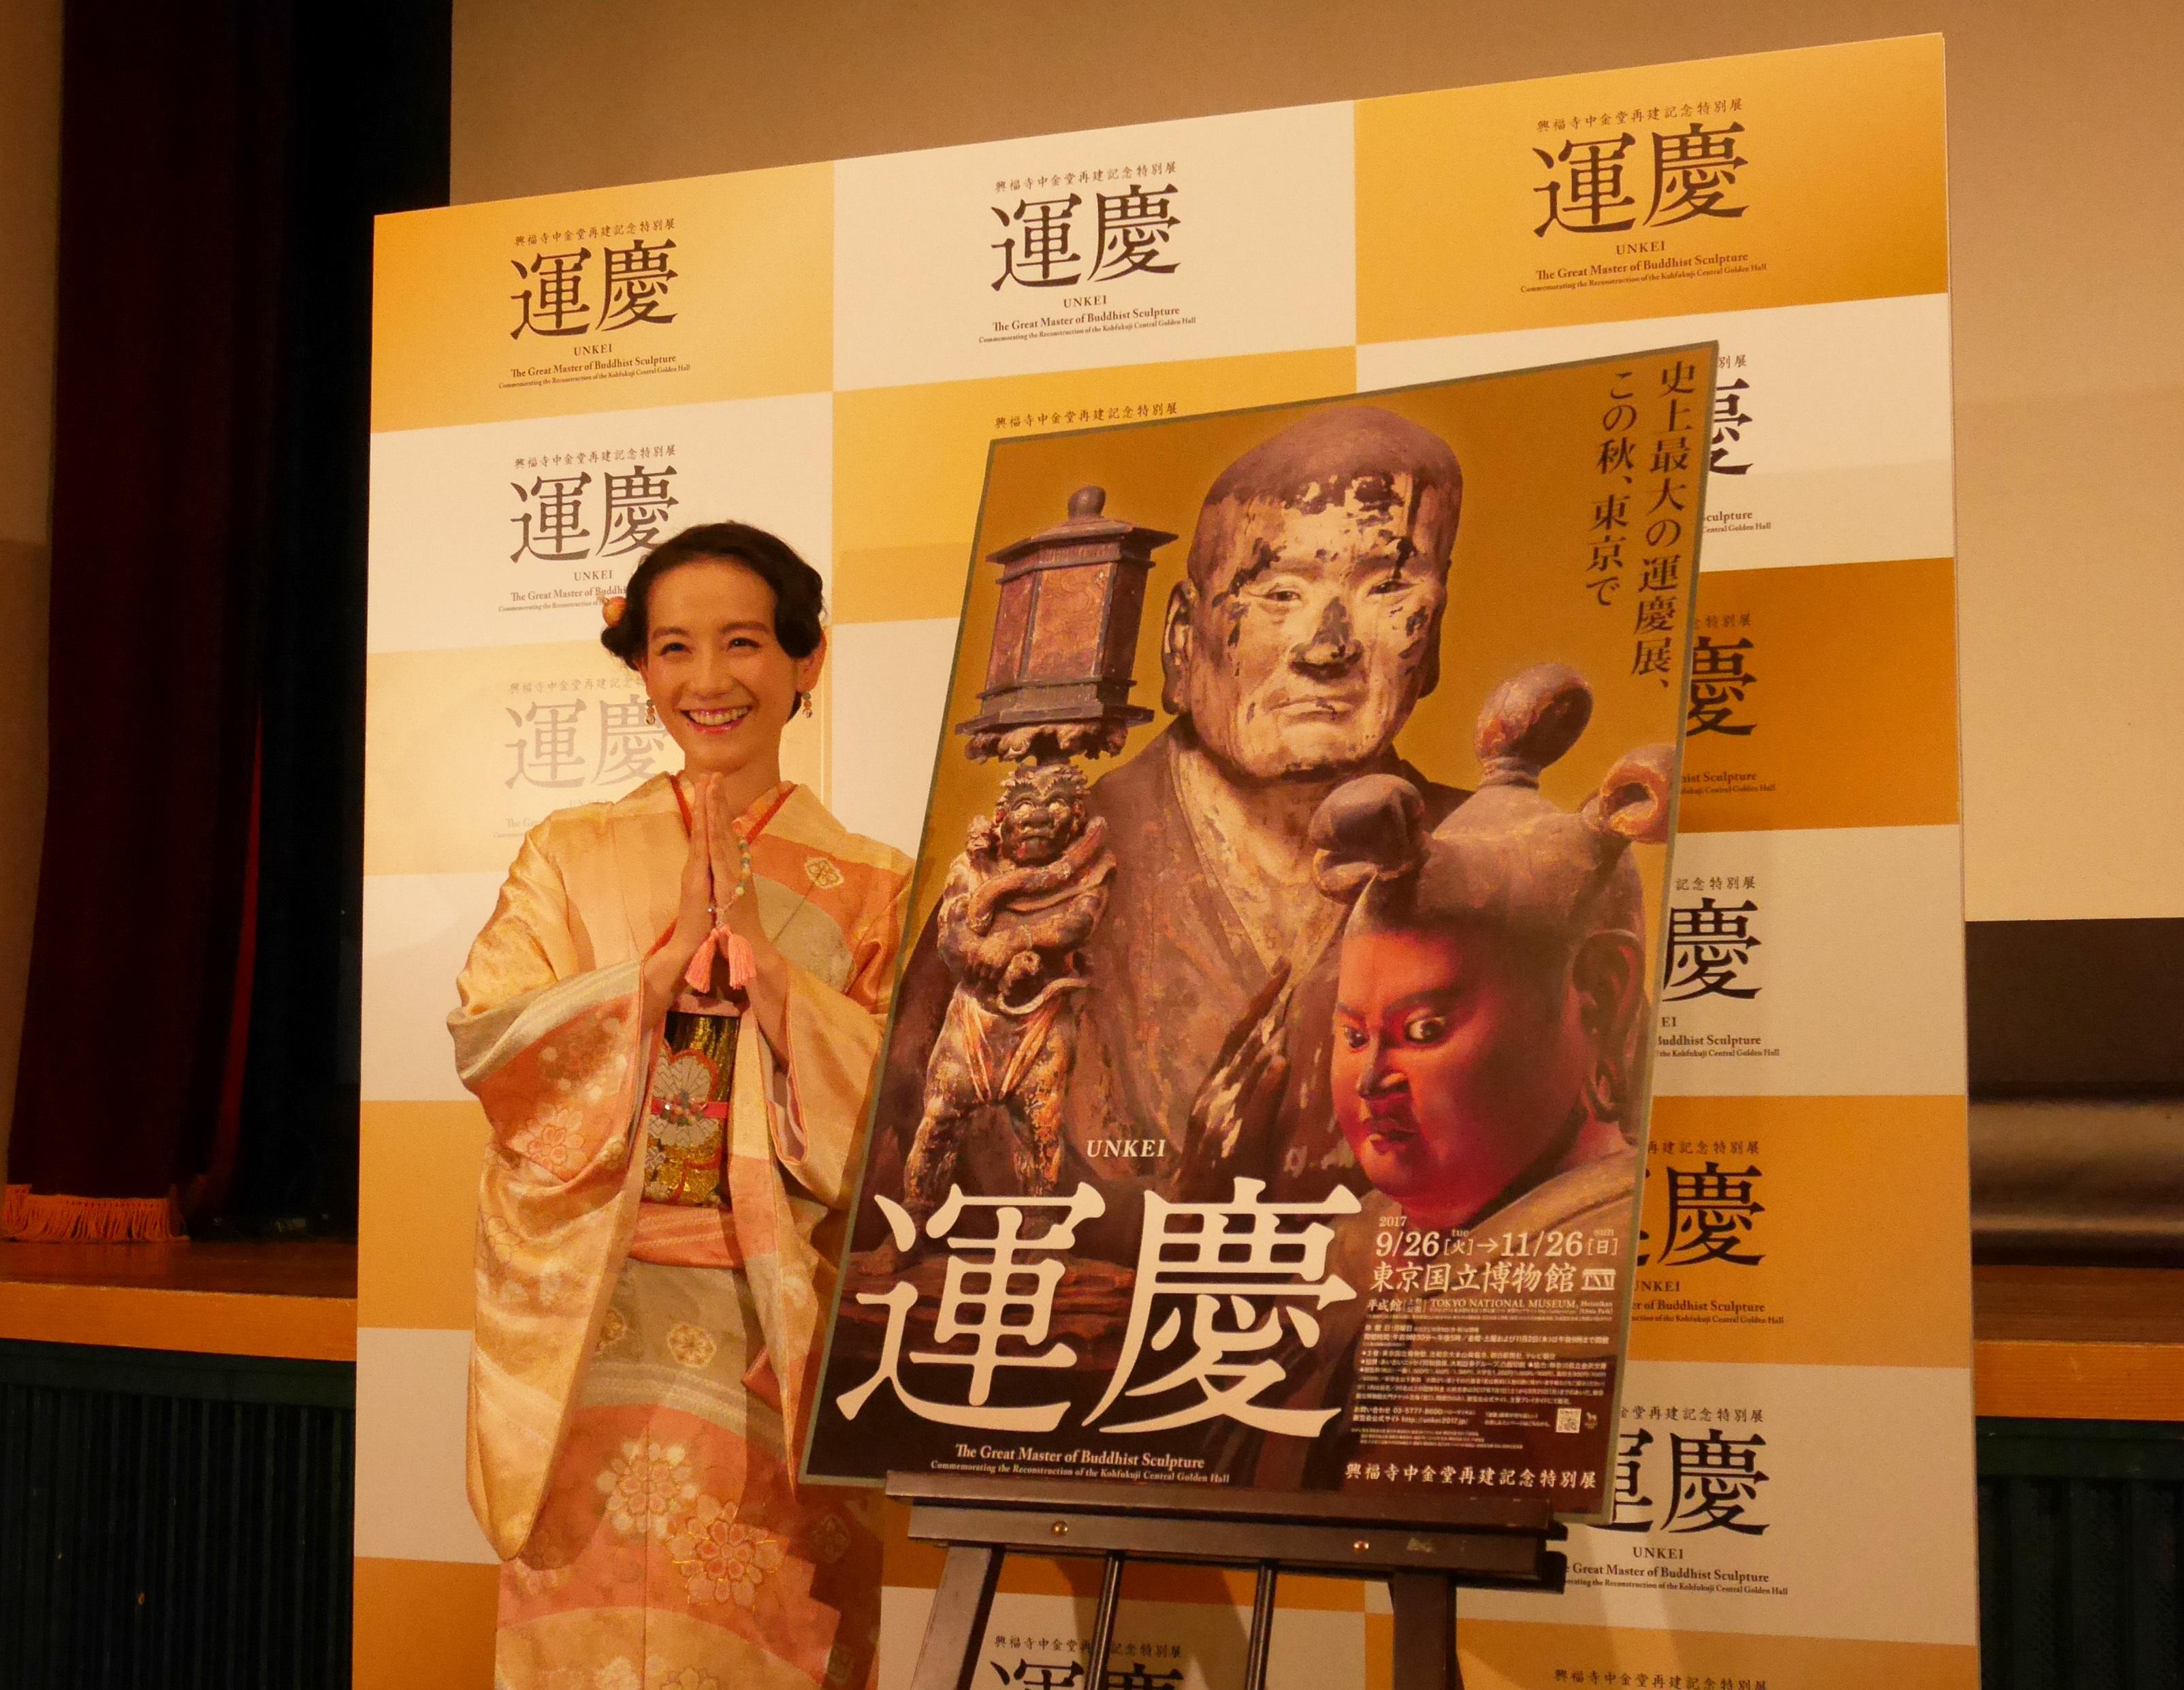 興福寺中金堂再建記念特別展『運慶』報道発表会に、スペシャルゲストとして篠原ともえが登壇